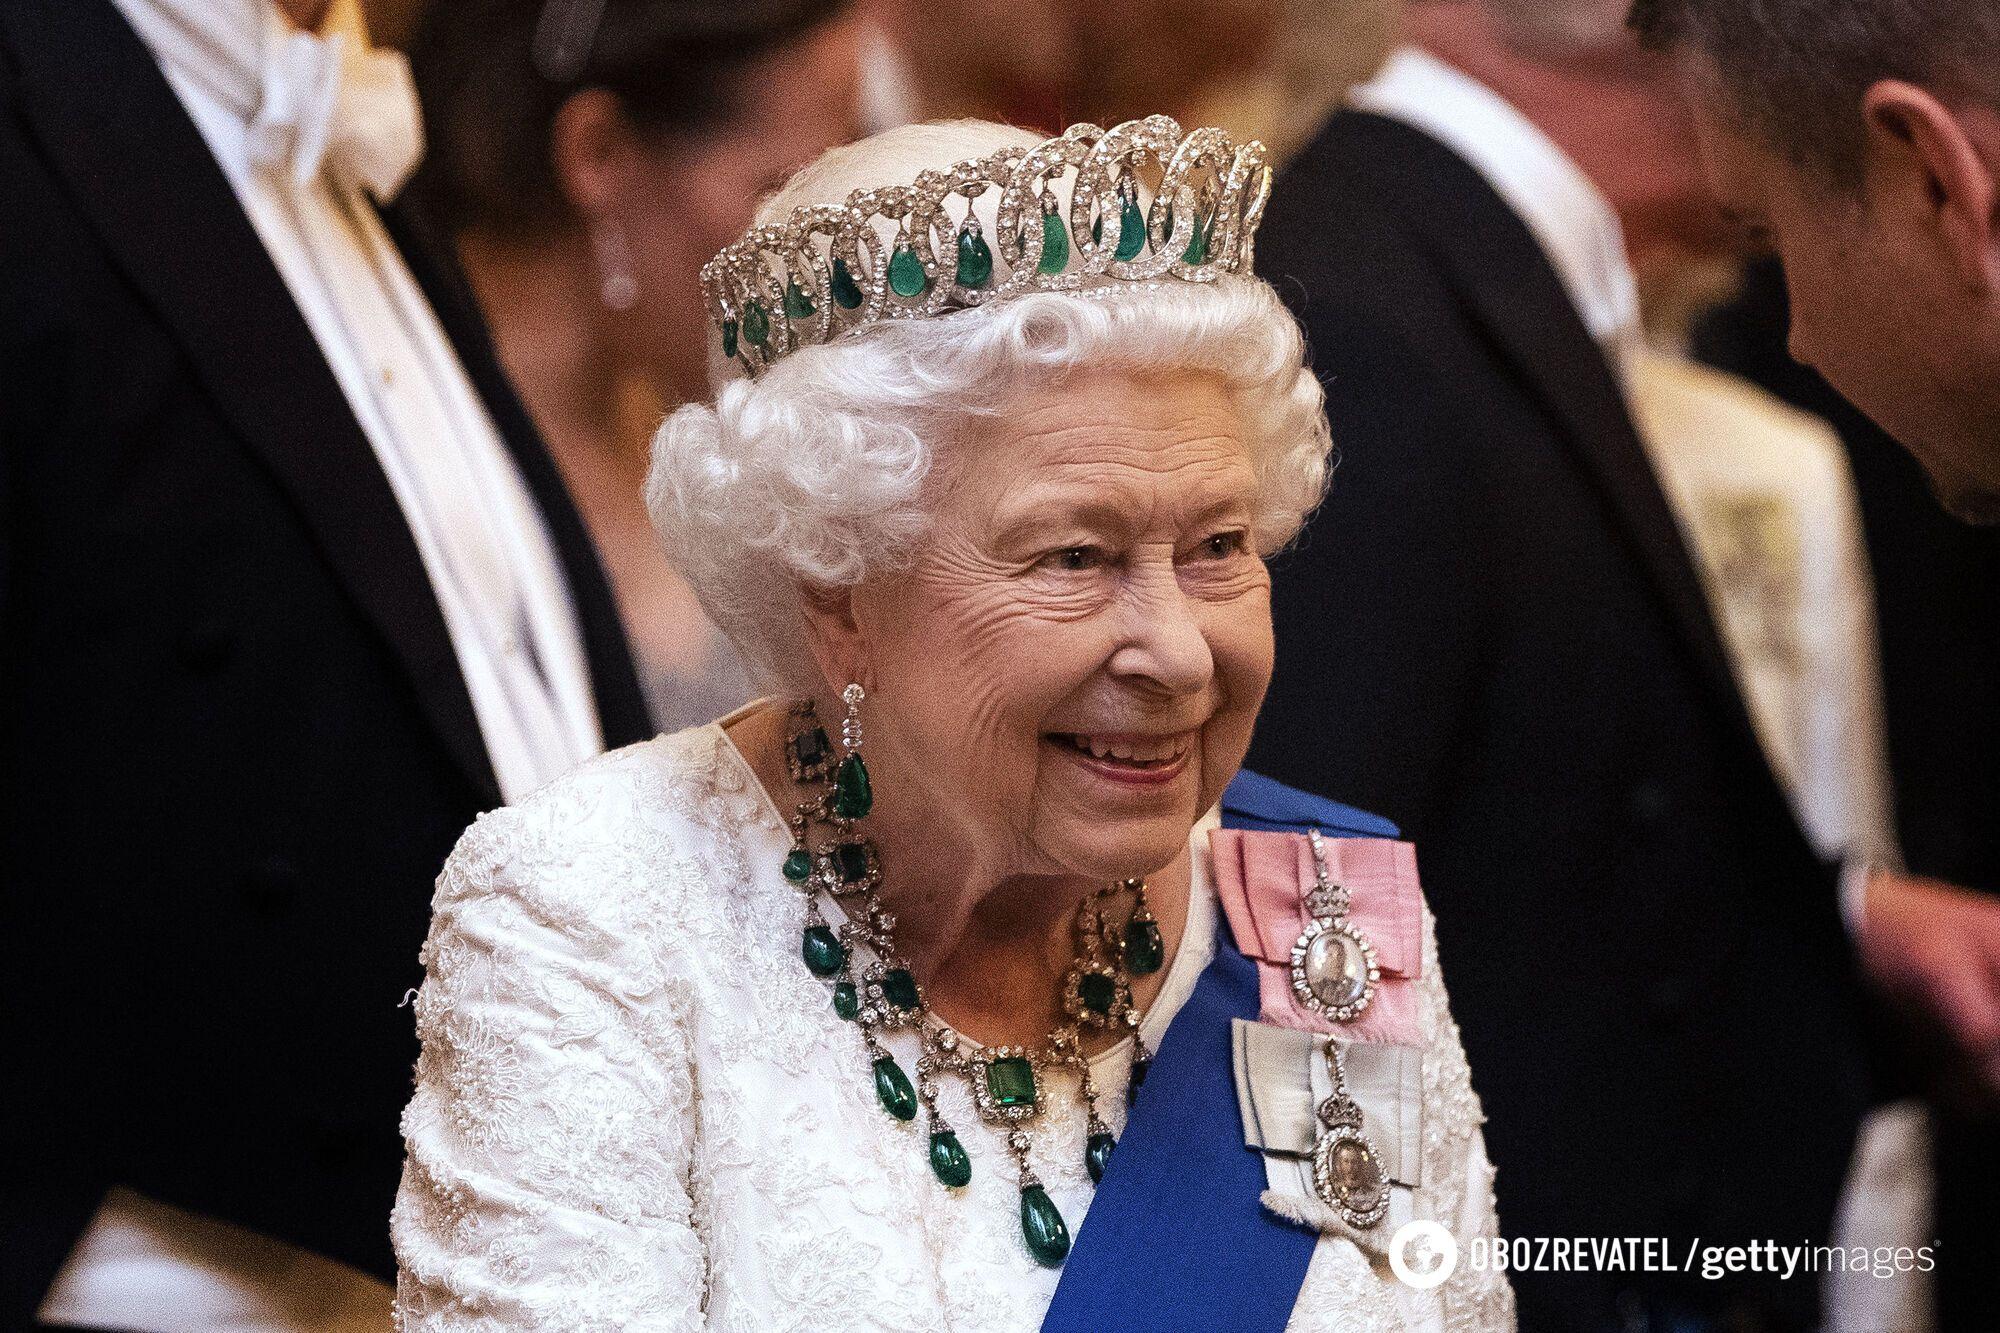 Елизавета официально стала королевой в возрасте 27 лет